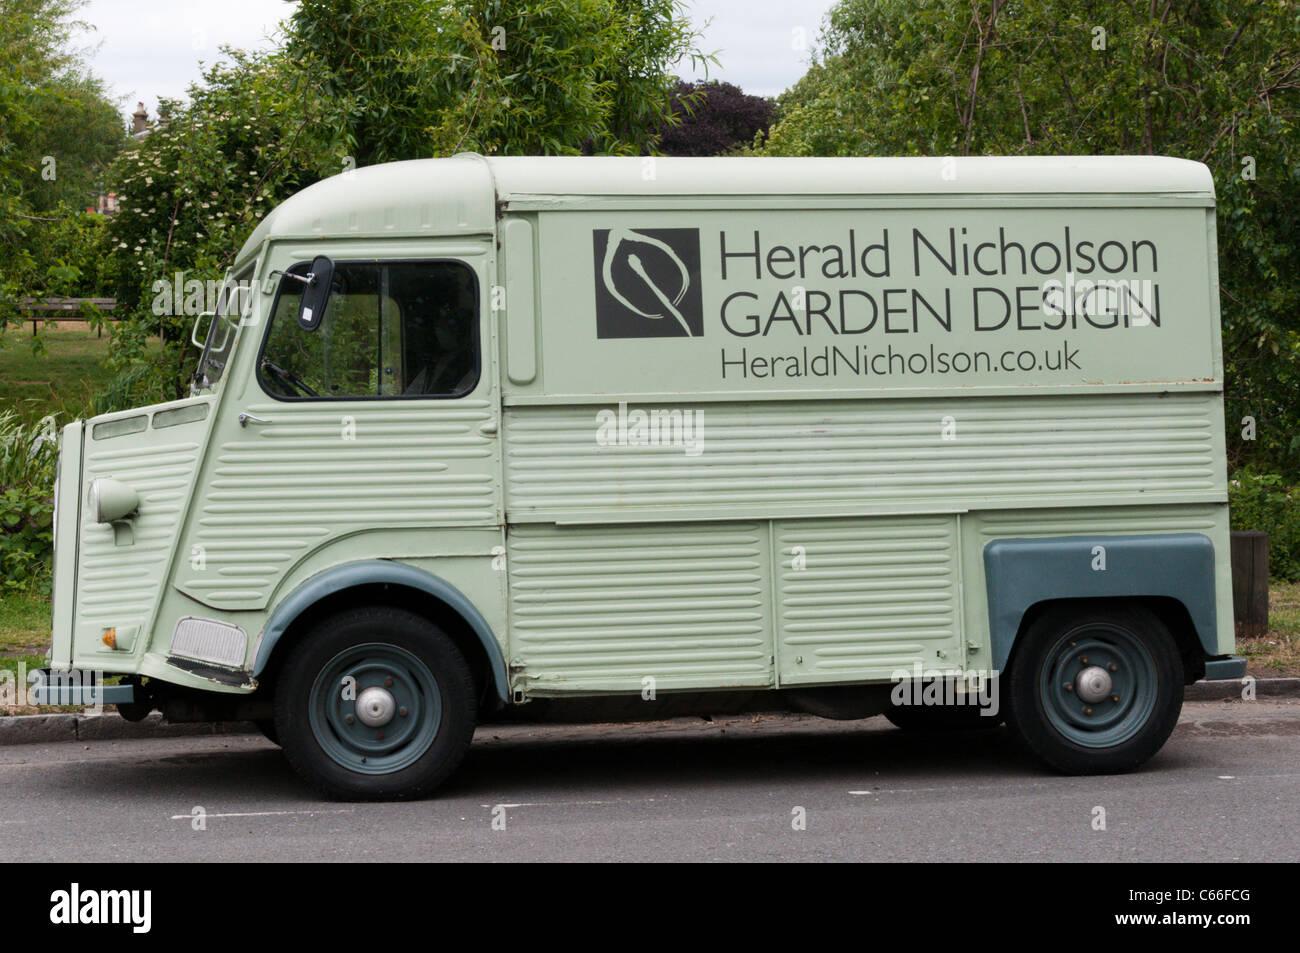 Un Citroën Tipo H Van usada por el diseño de jardines asociación Herald Nicholson, estacionado en el sur de Londres. Foto de stock